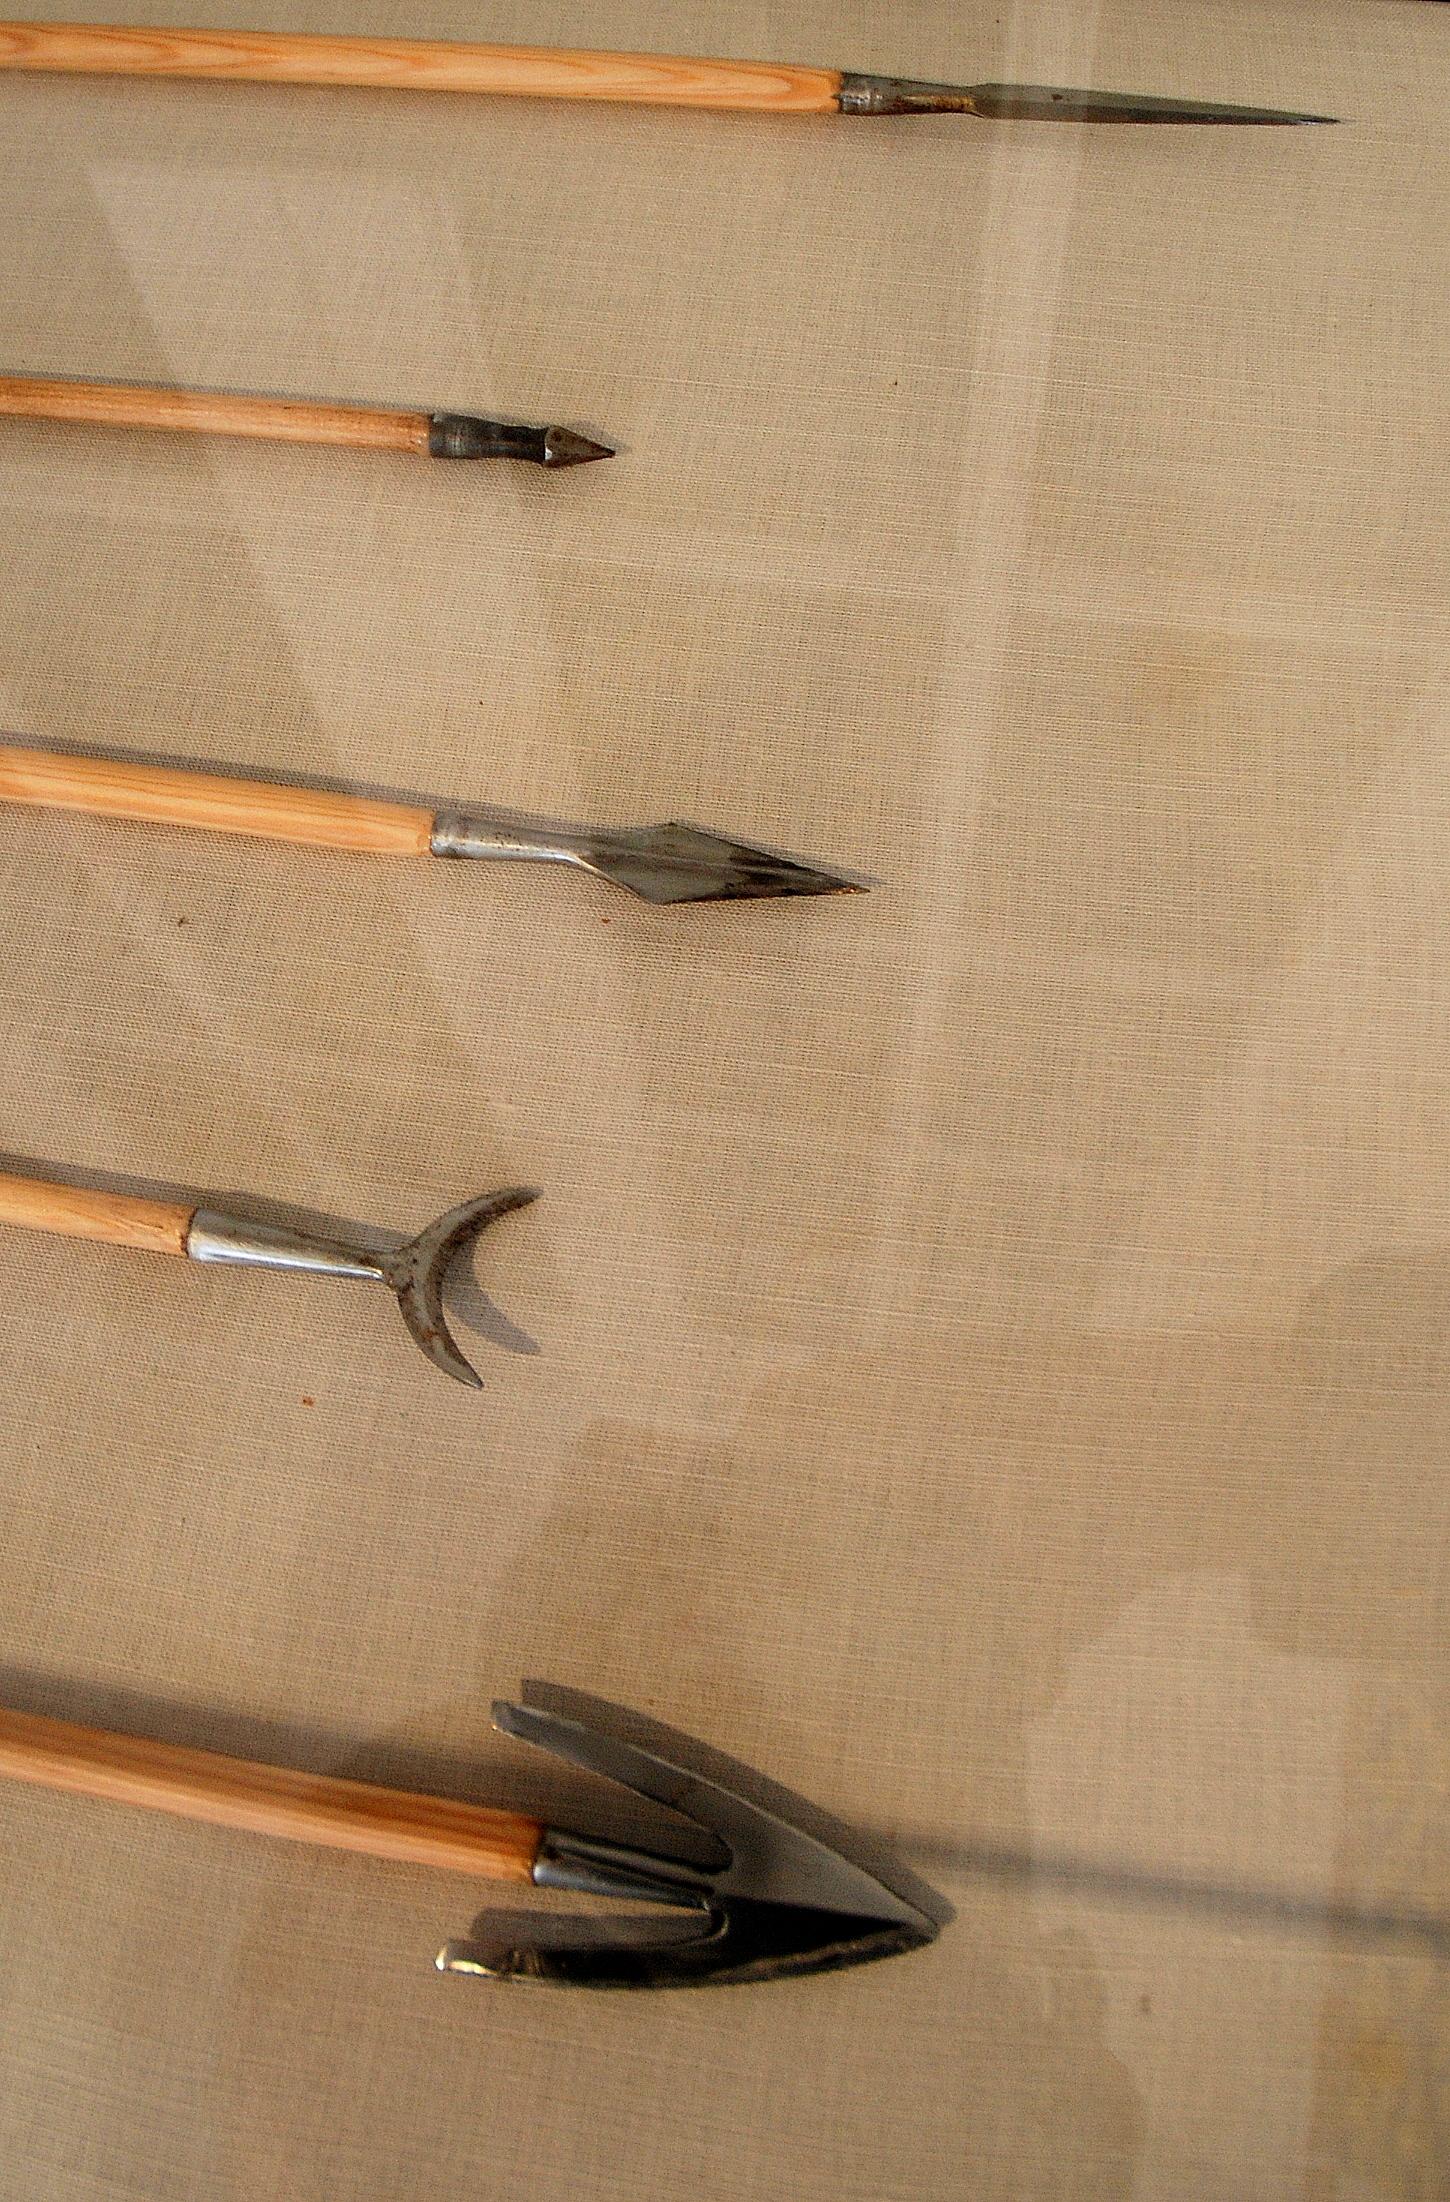 Réplicas de pontas de flechas expostas no museu Emhisarc em Crécy-en-Ponthieu, França